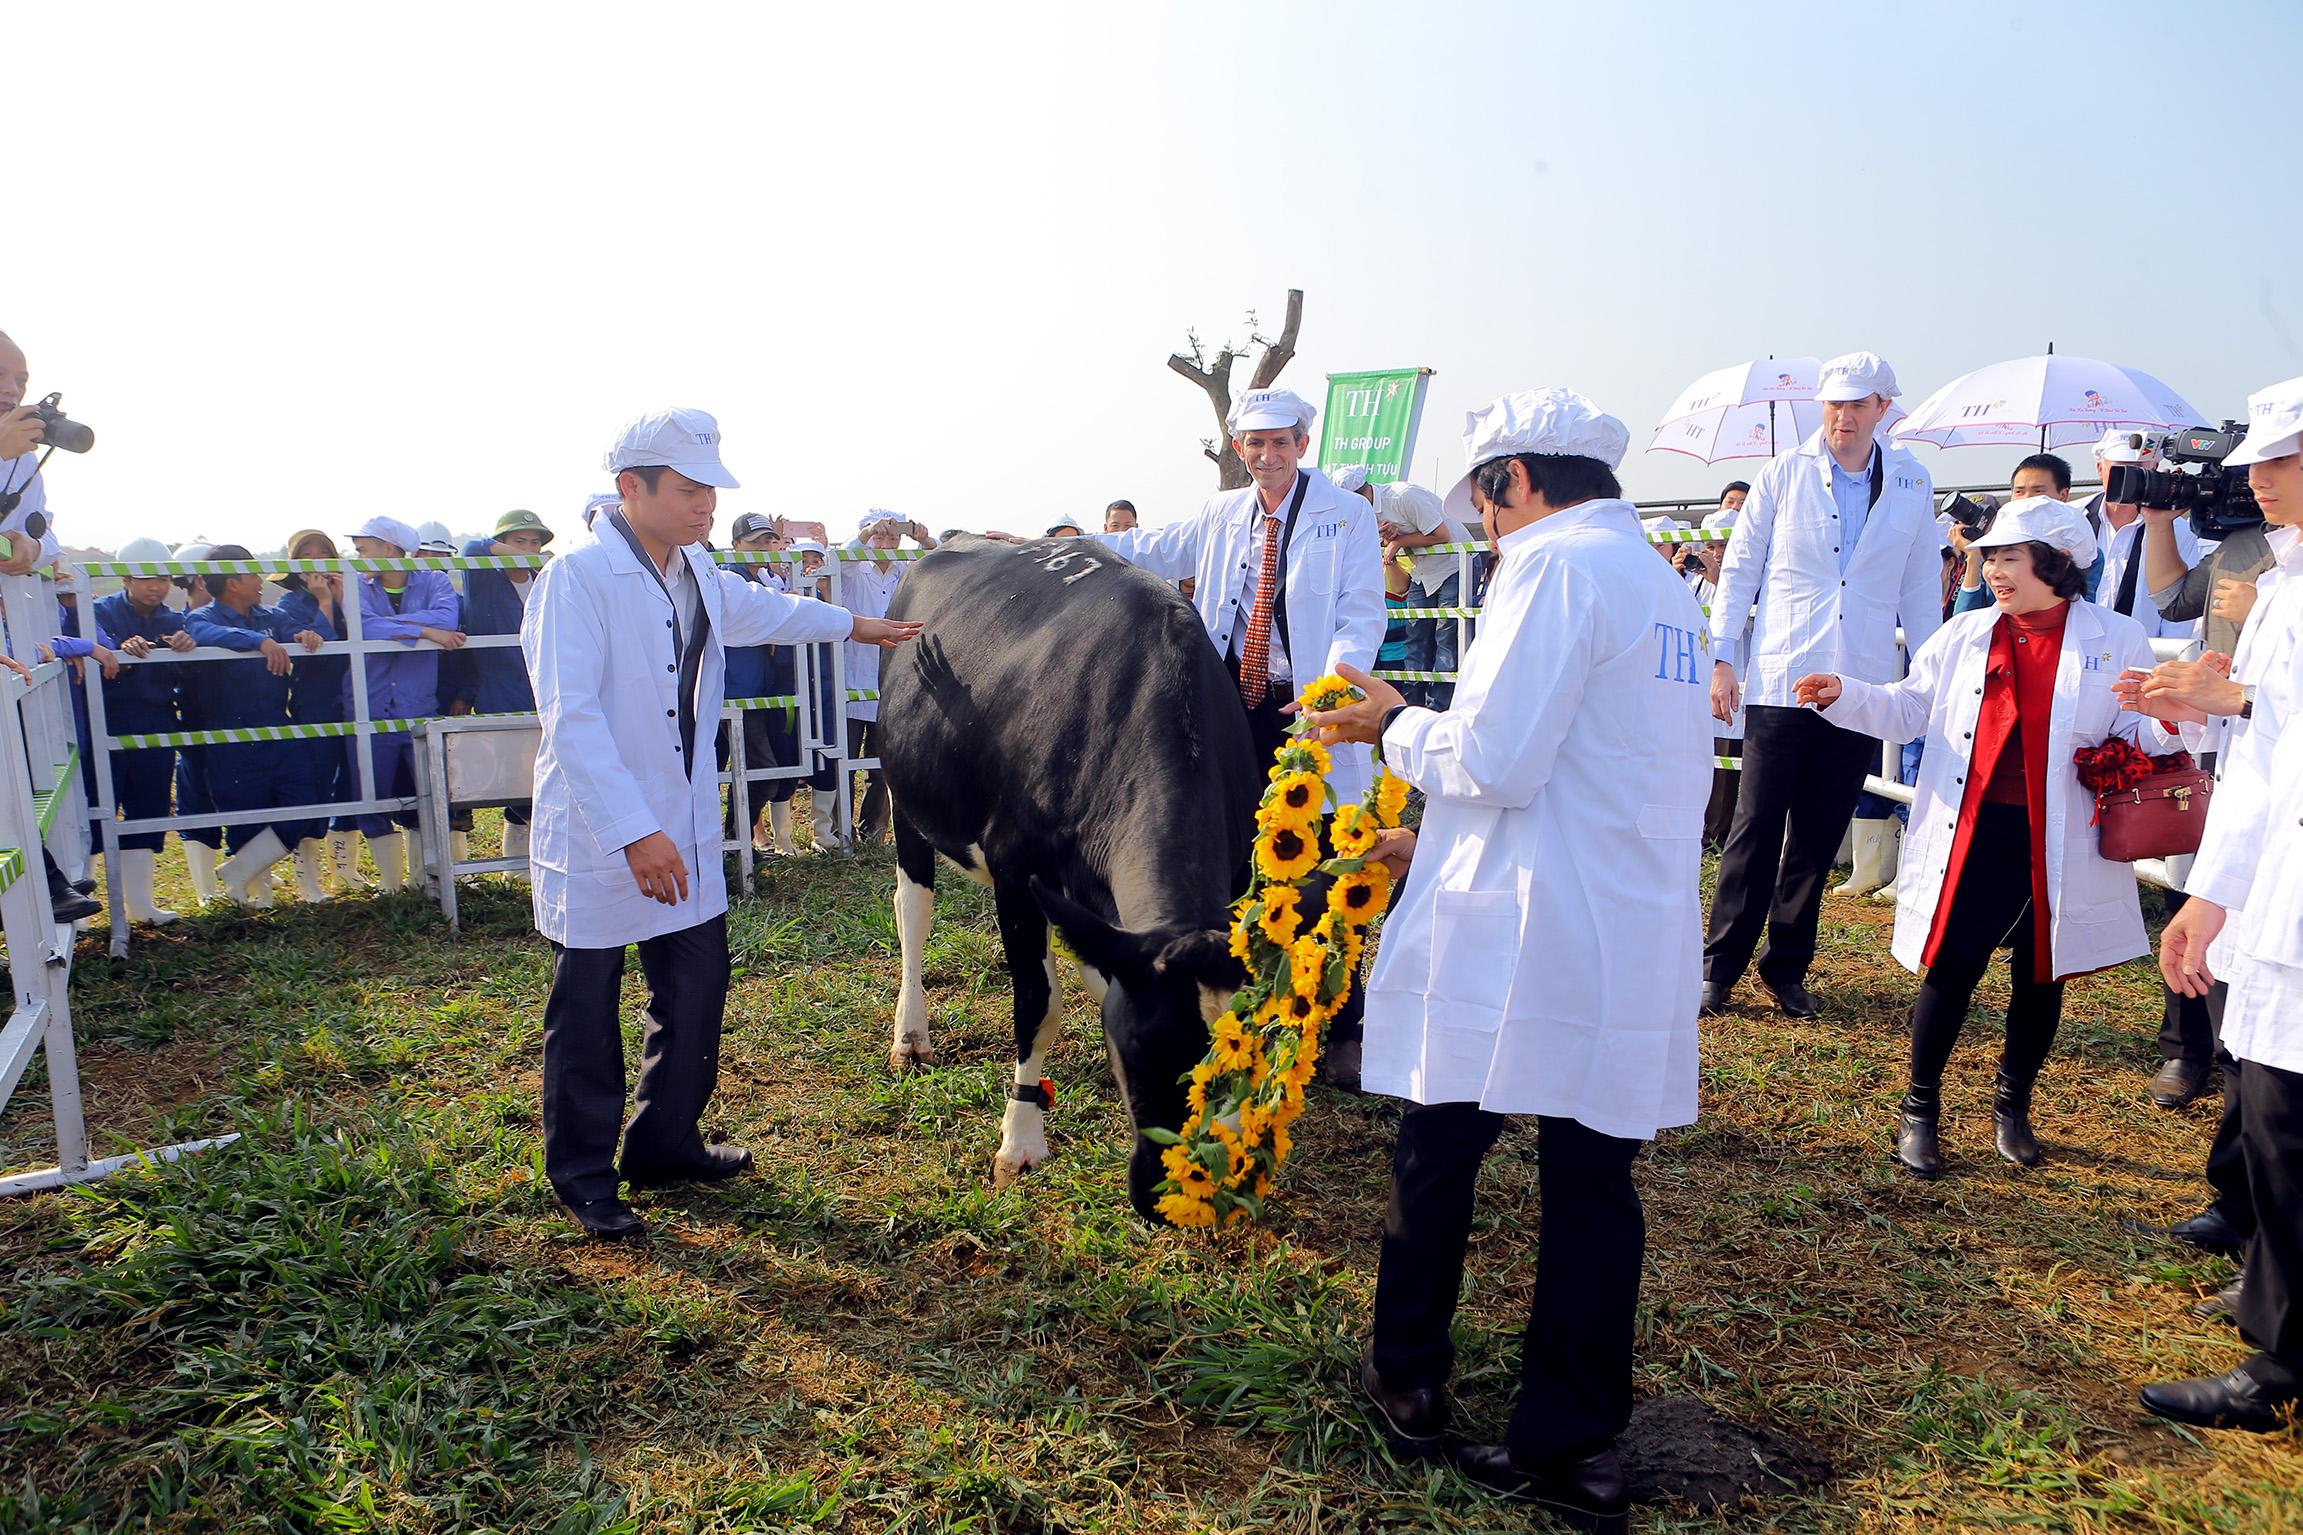 Sắp diễn ra Triển lãm Quốc tế về Công nghiệp chế biến, đóng gói và bảo quản nông sản thực phẩm – Vietnam PFA 2019